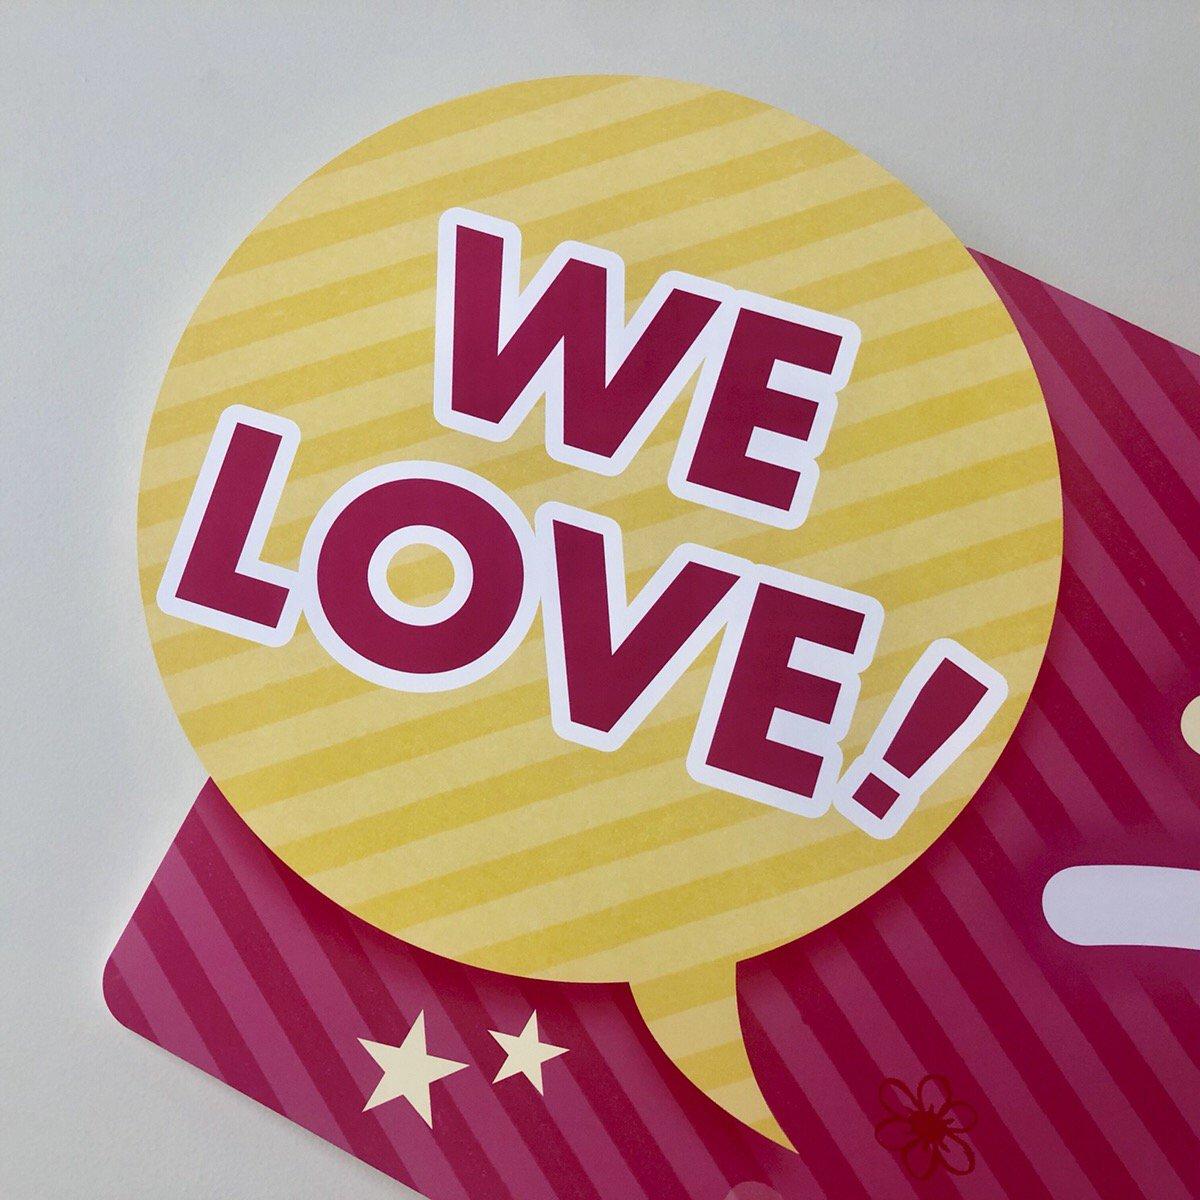 これから『#ういらぶ。』大ヒット御礼トークショーです❤️#桜井日奈子 さん&#磯村勇斗 さんが、みんなの質問に答えますよ~🙋♀️🙋♂️💓お楽しみに🐤